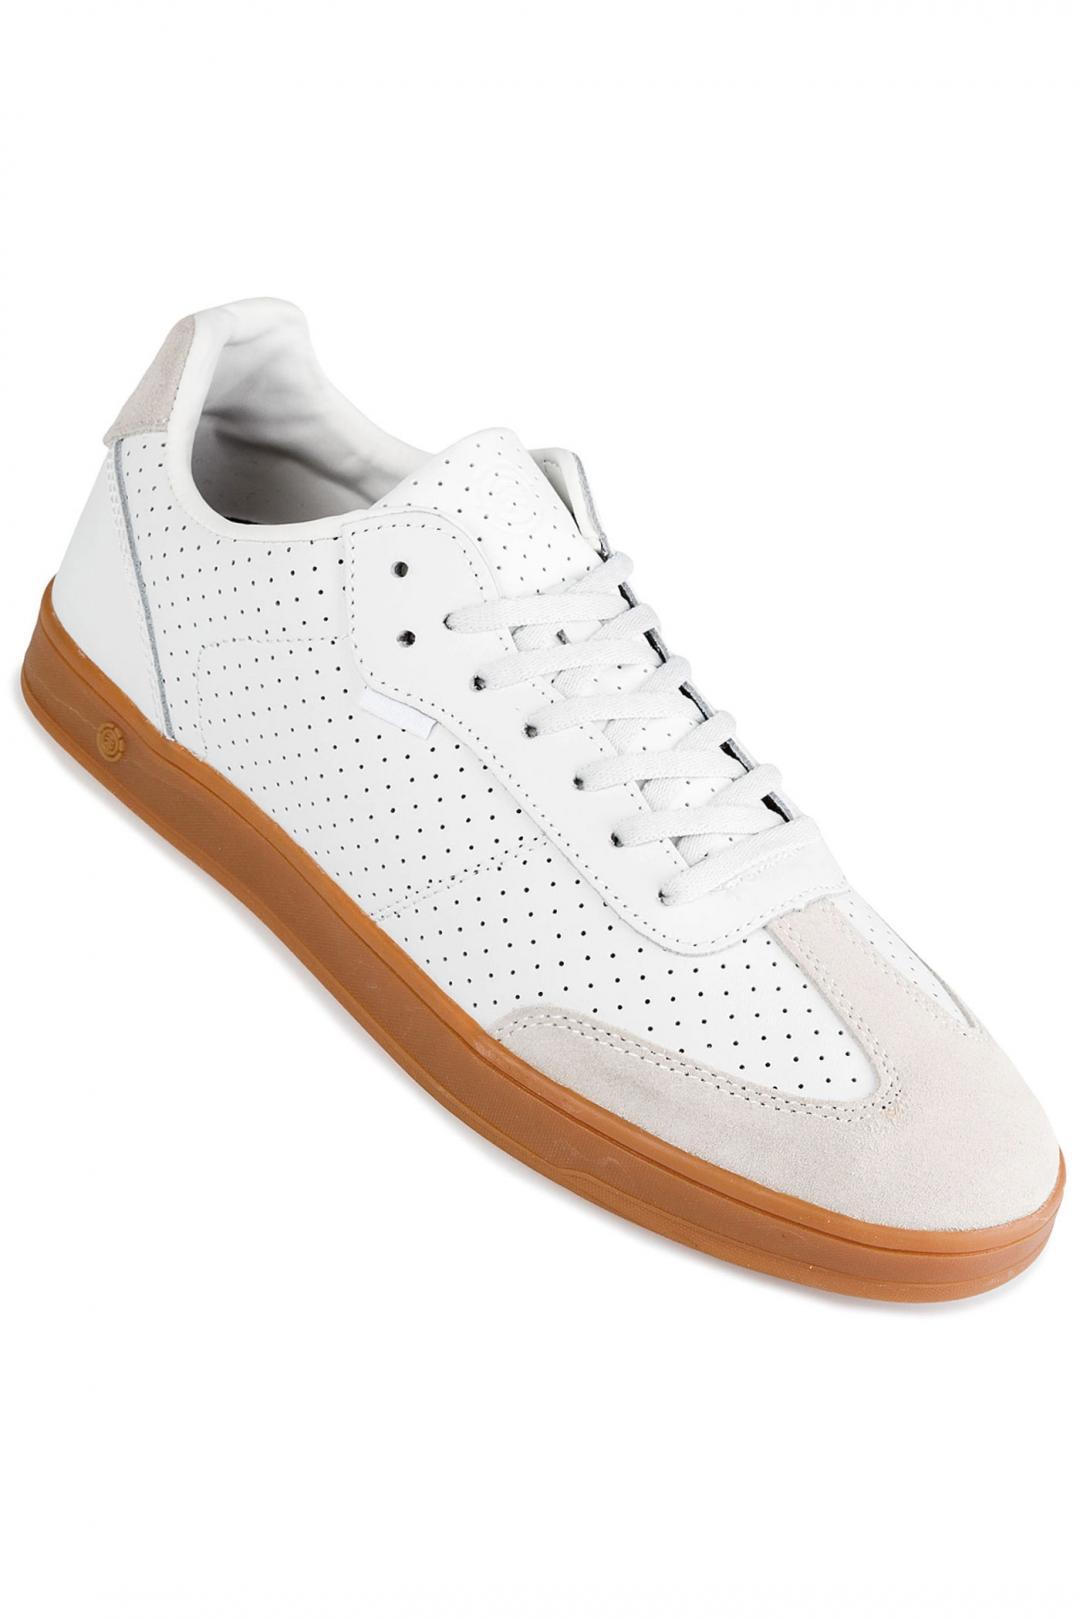 Uomo Element Blitz white | Sneaker